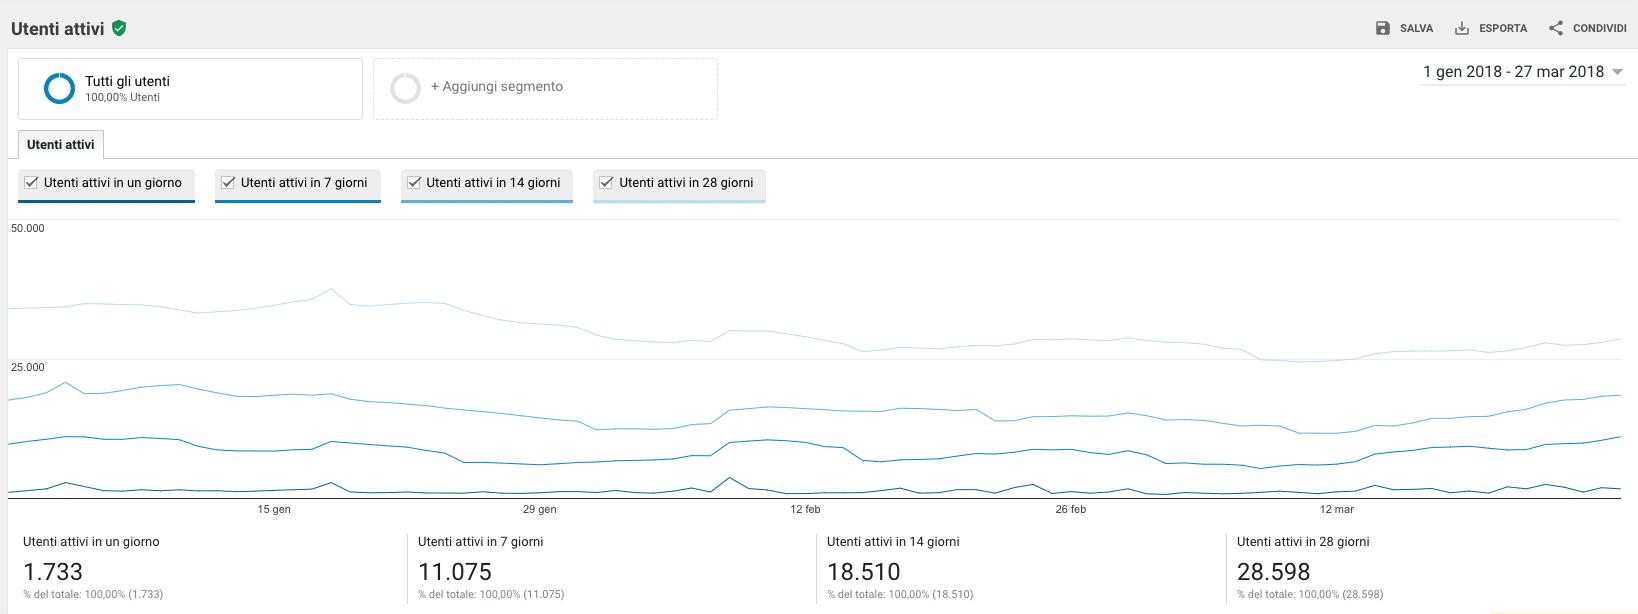 Utenti Attivi Rapporto Pubblico Google Analytics